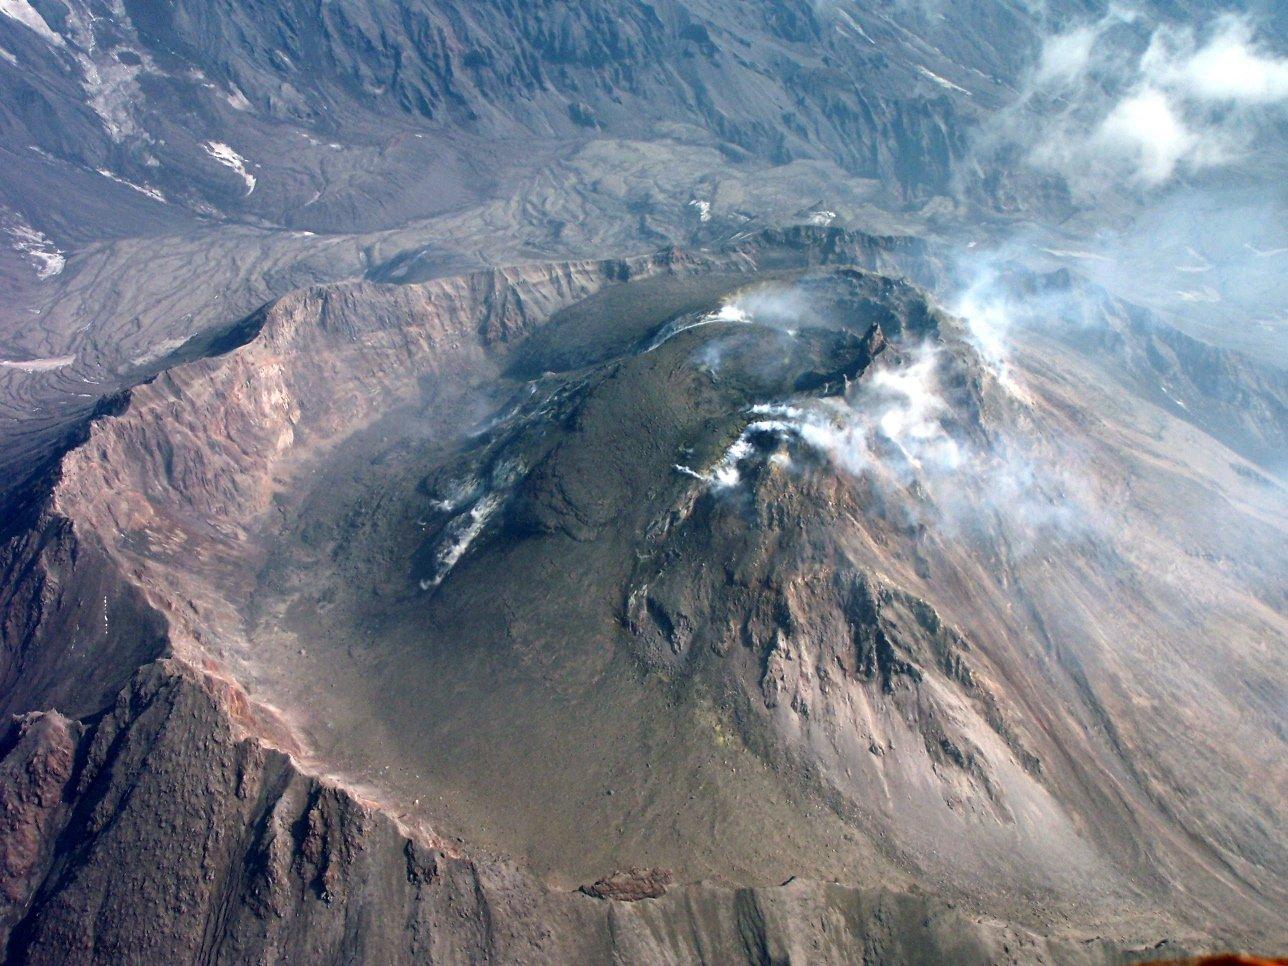 вулкан безымянный камчатка фото самом деле это